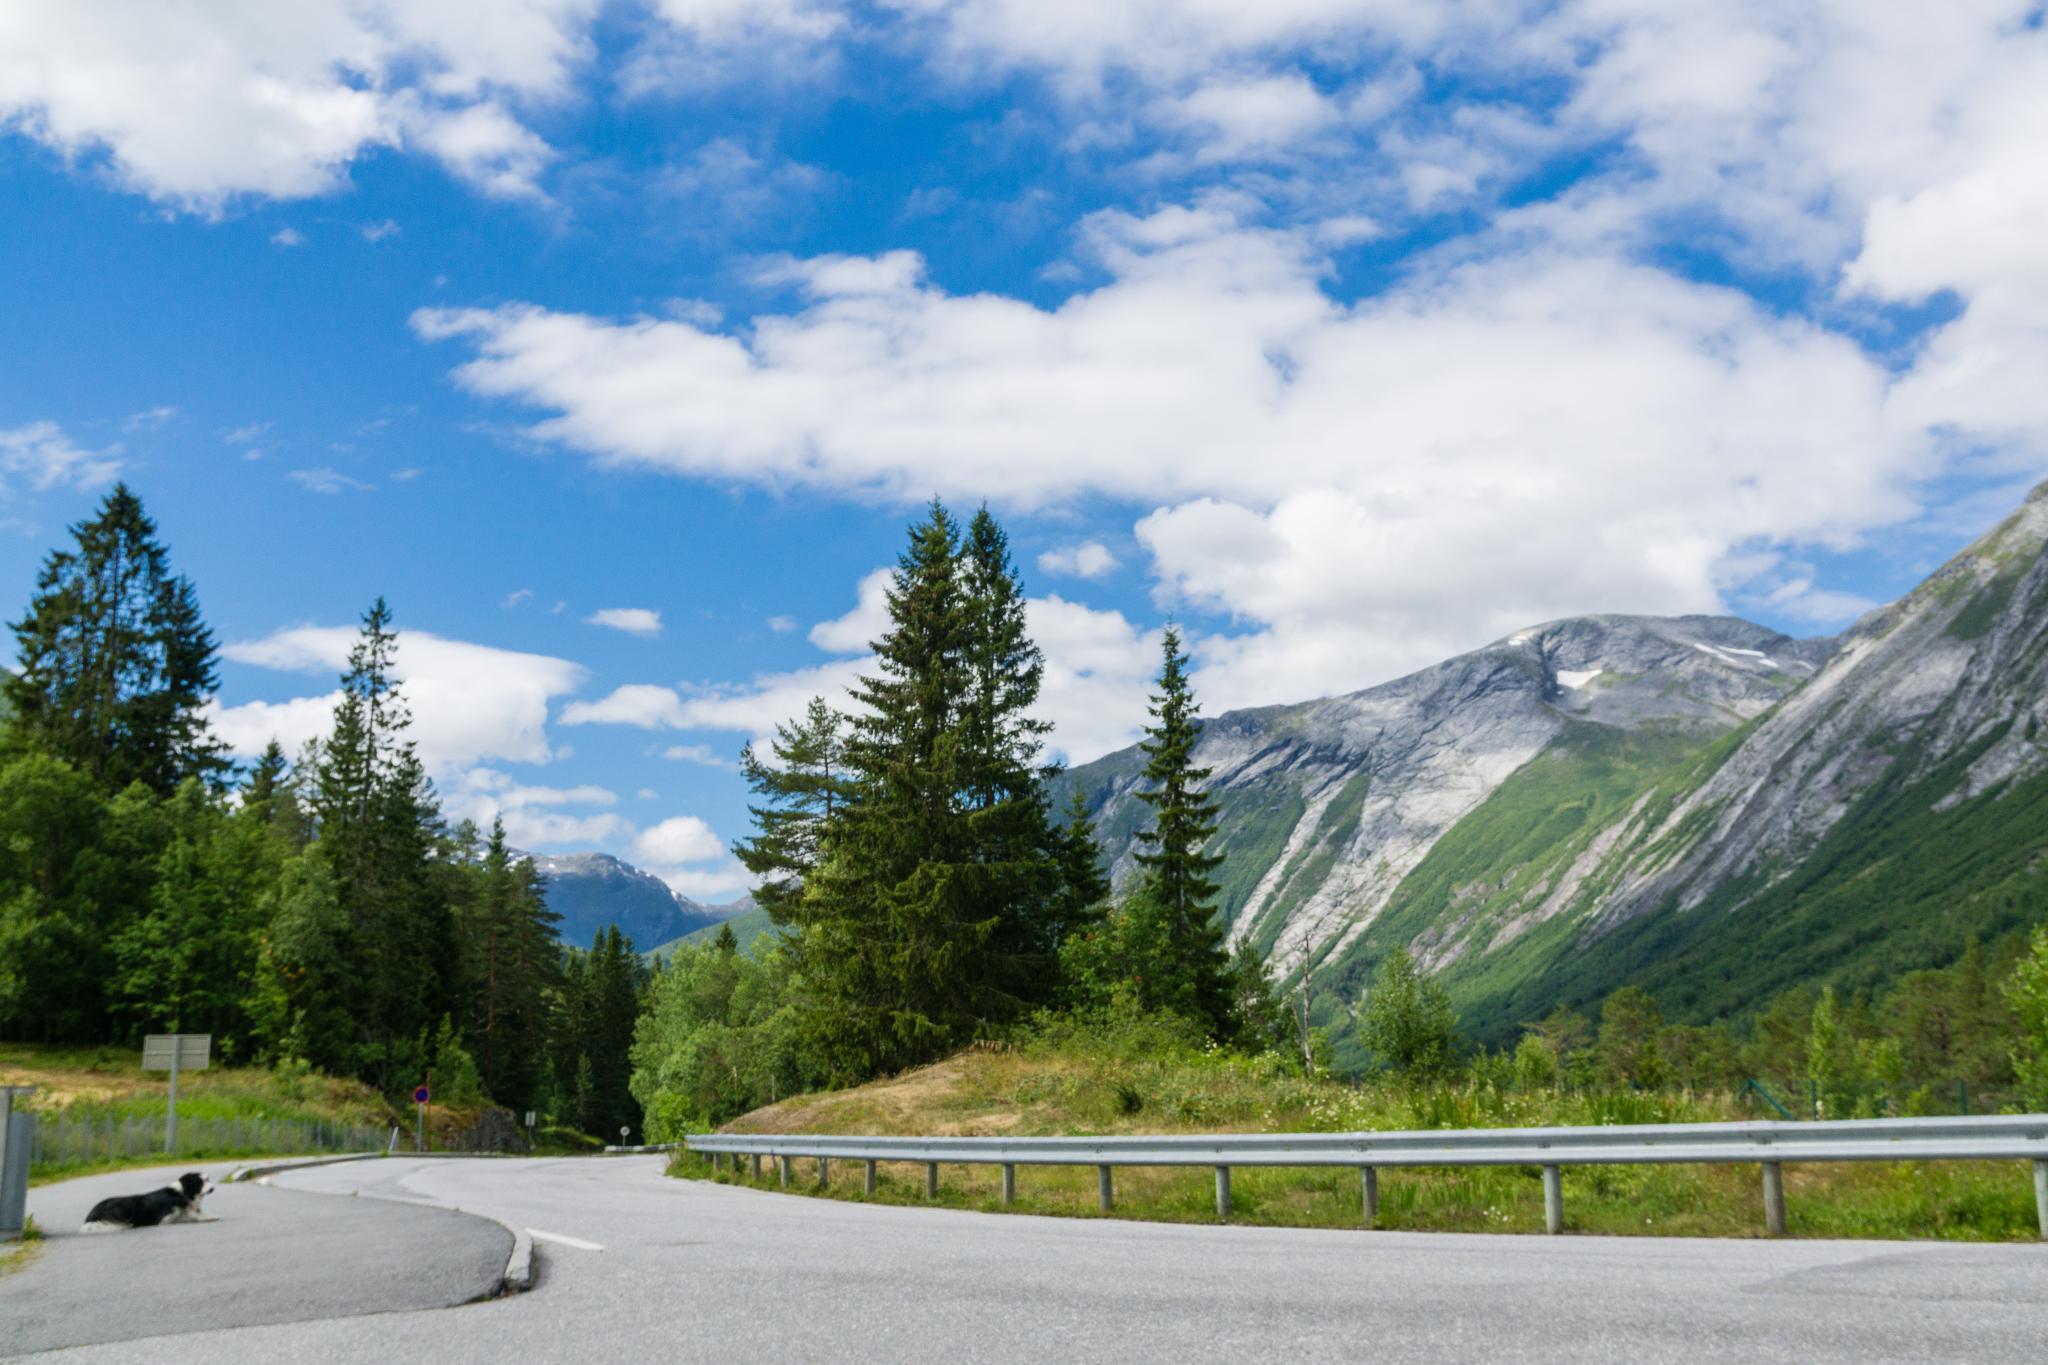 【北歐景點】Trollstigen 精靈之路 ∣ 挪威最驚險的世界級景觀公路 33